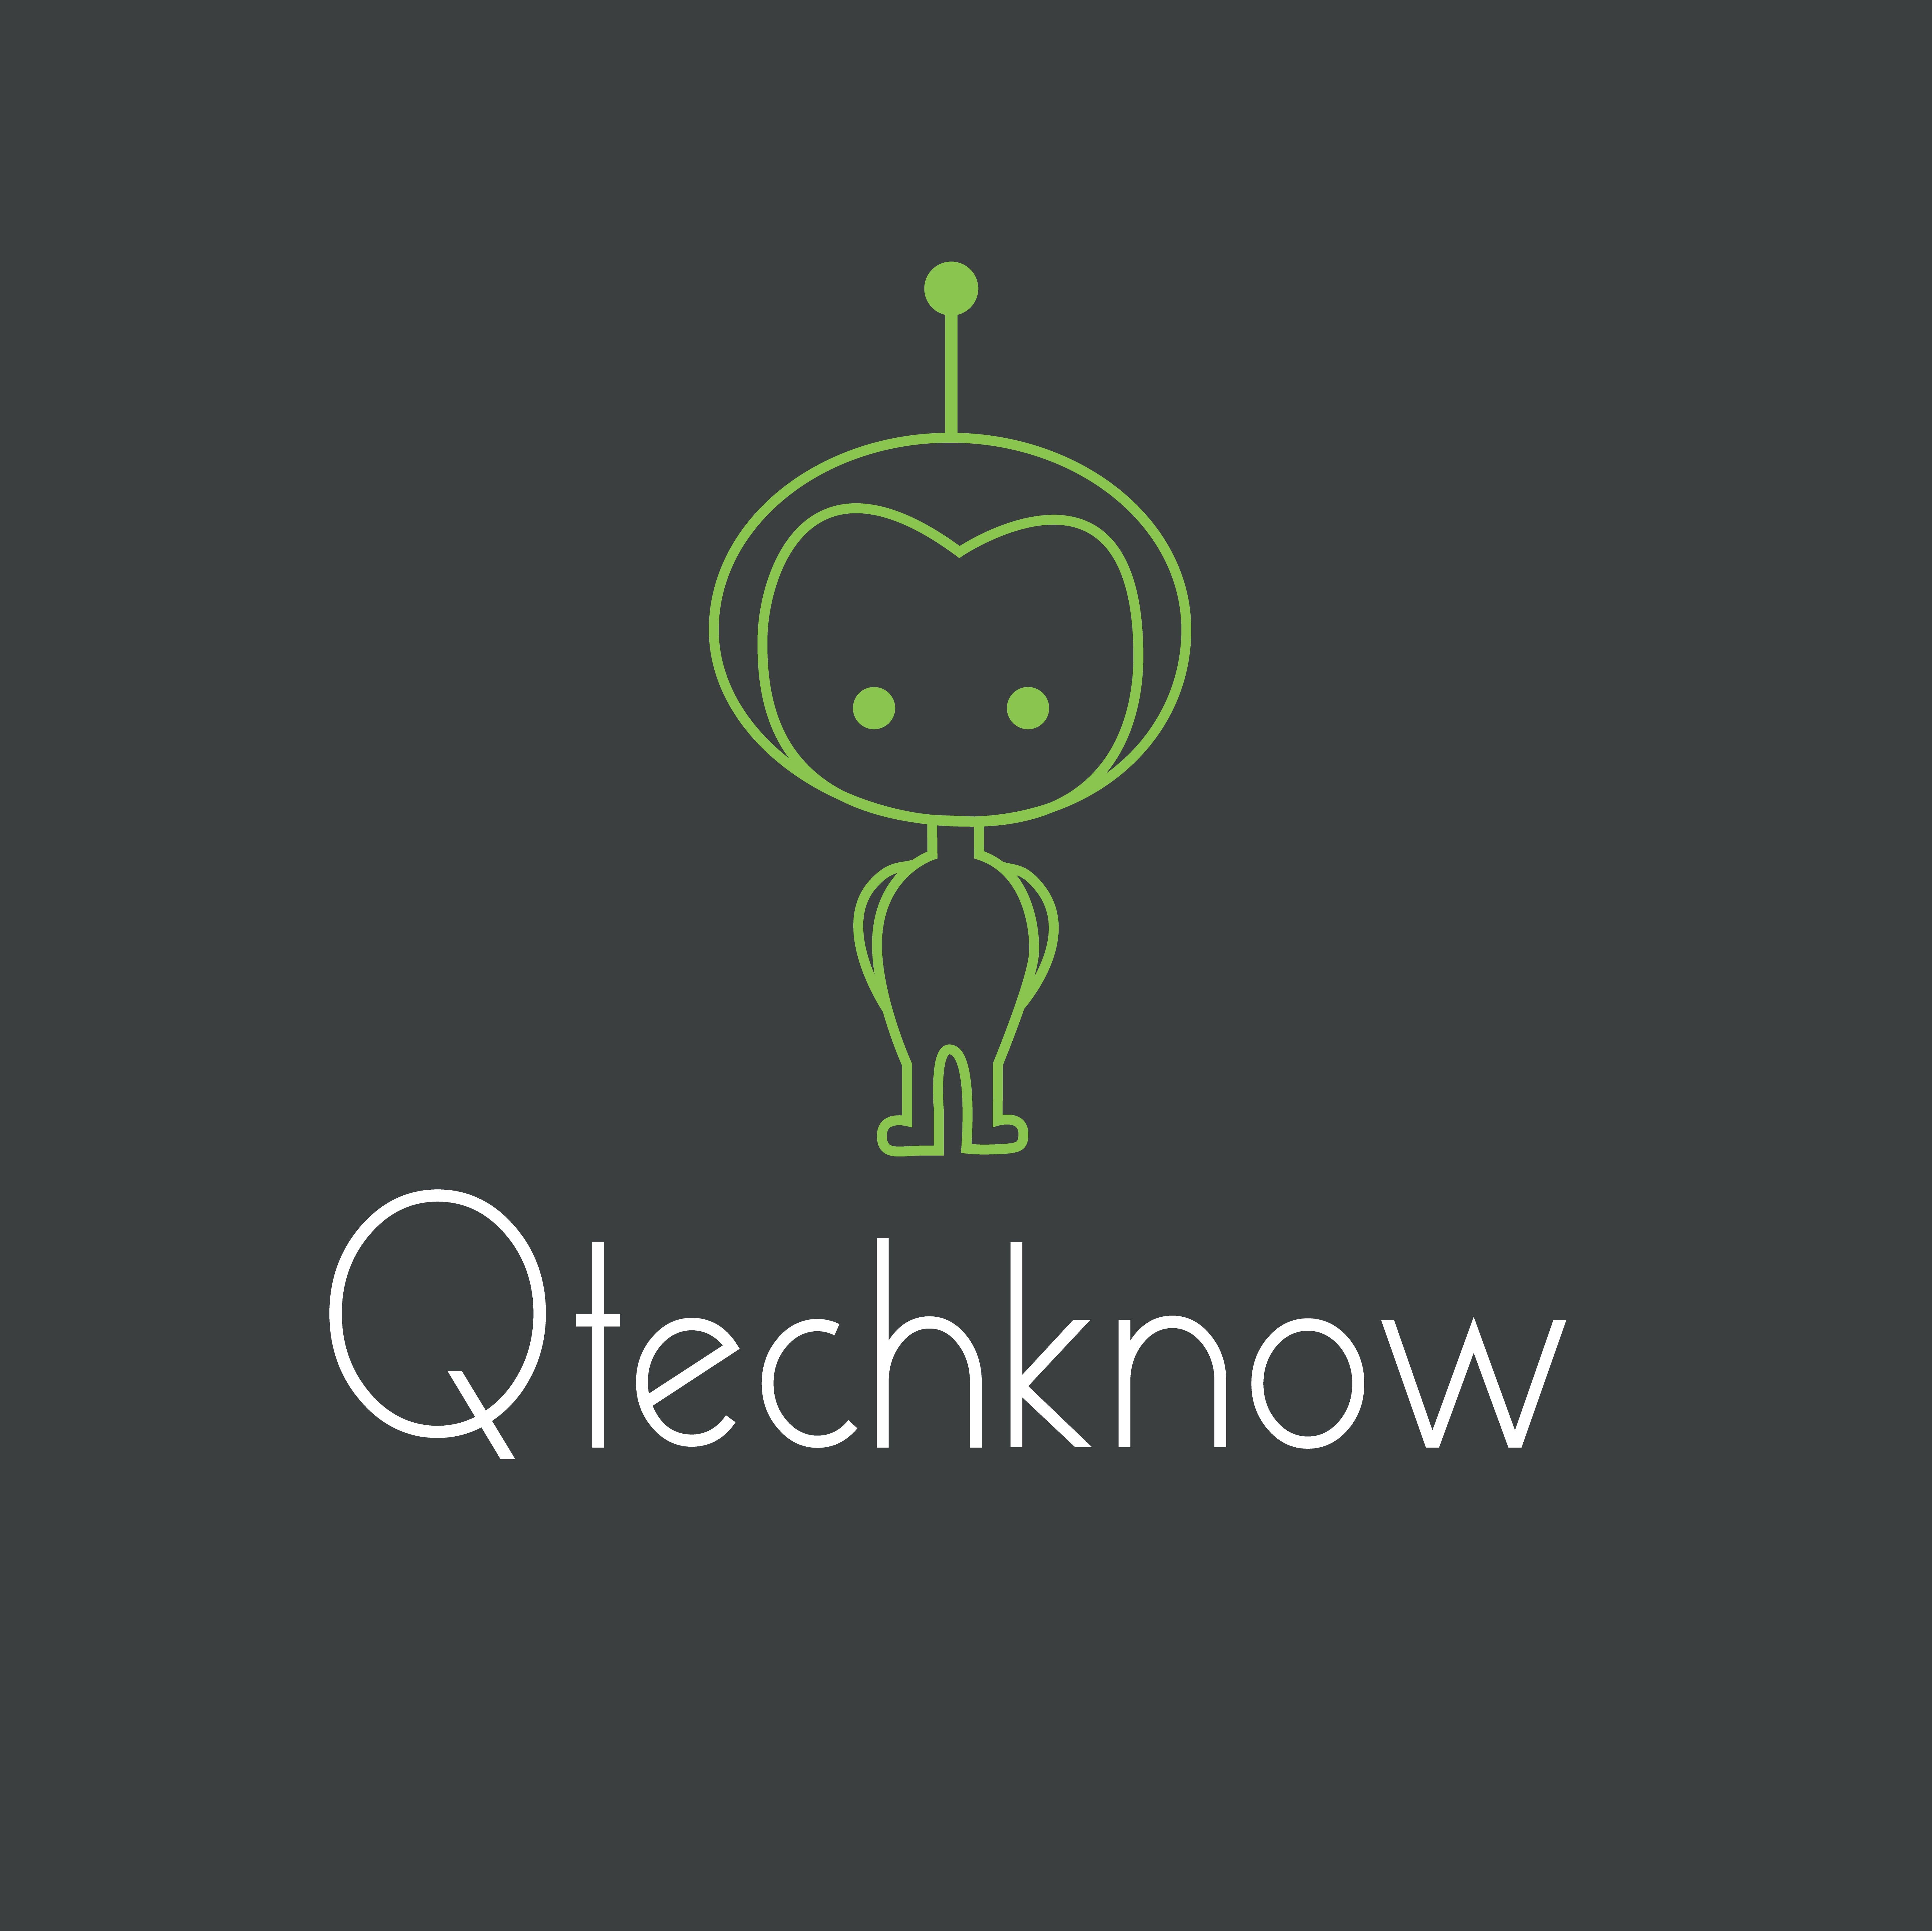 Qtechknow